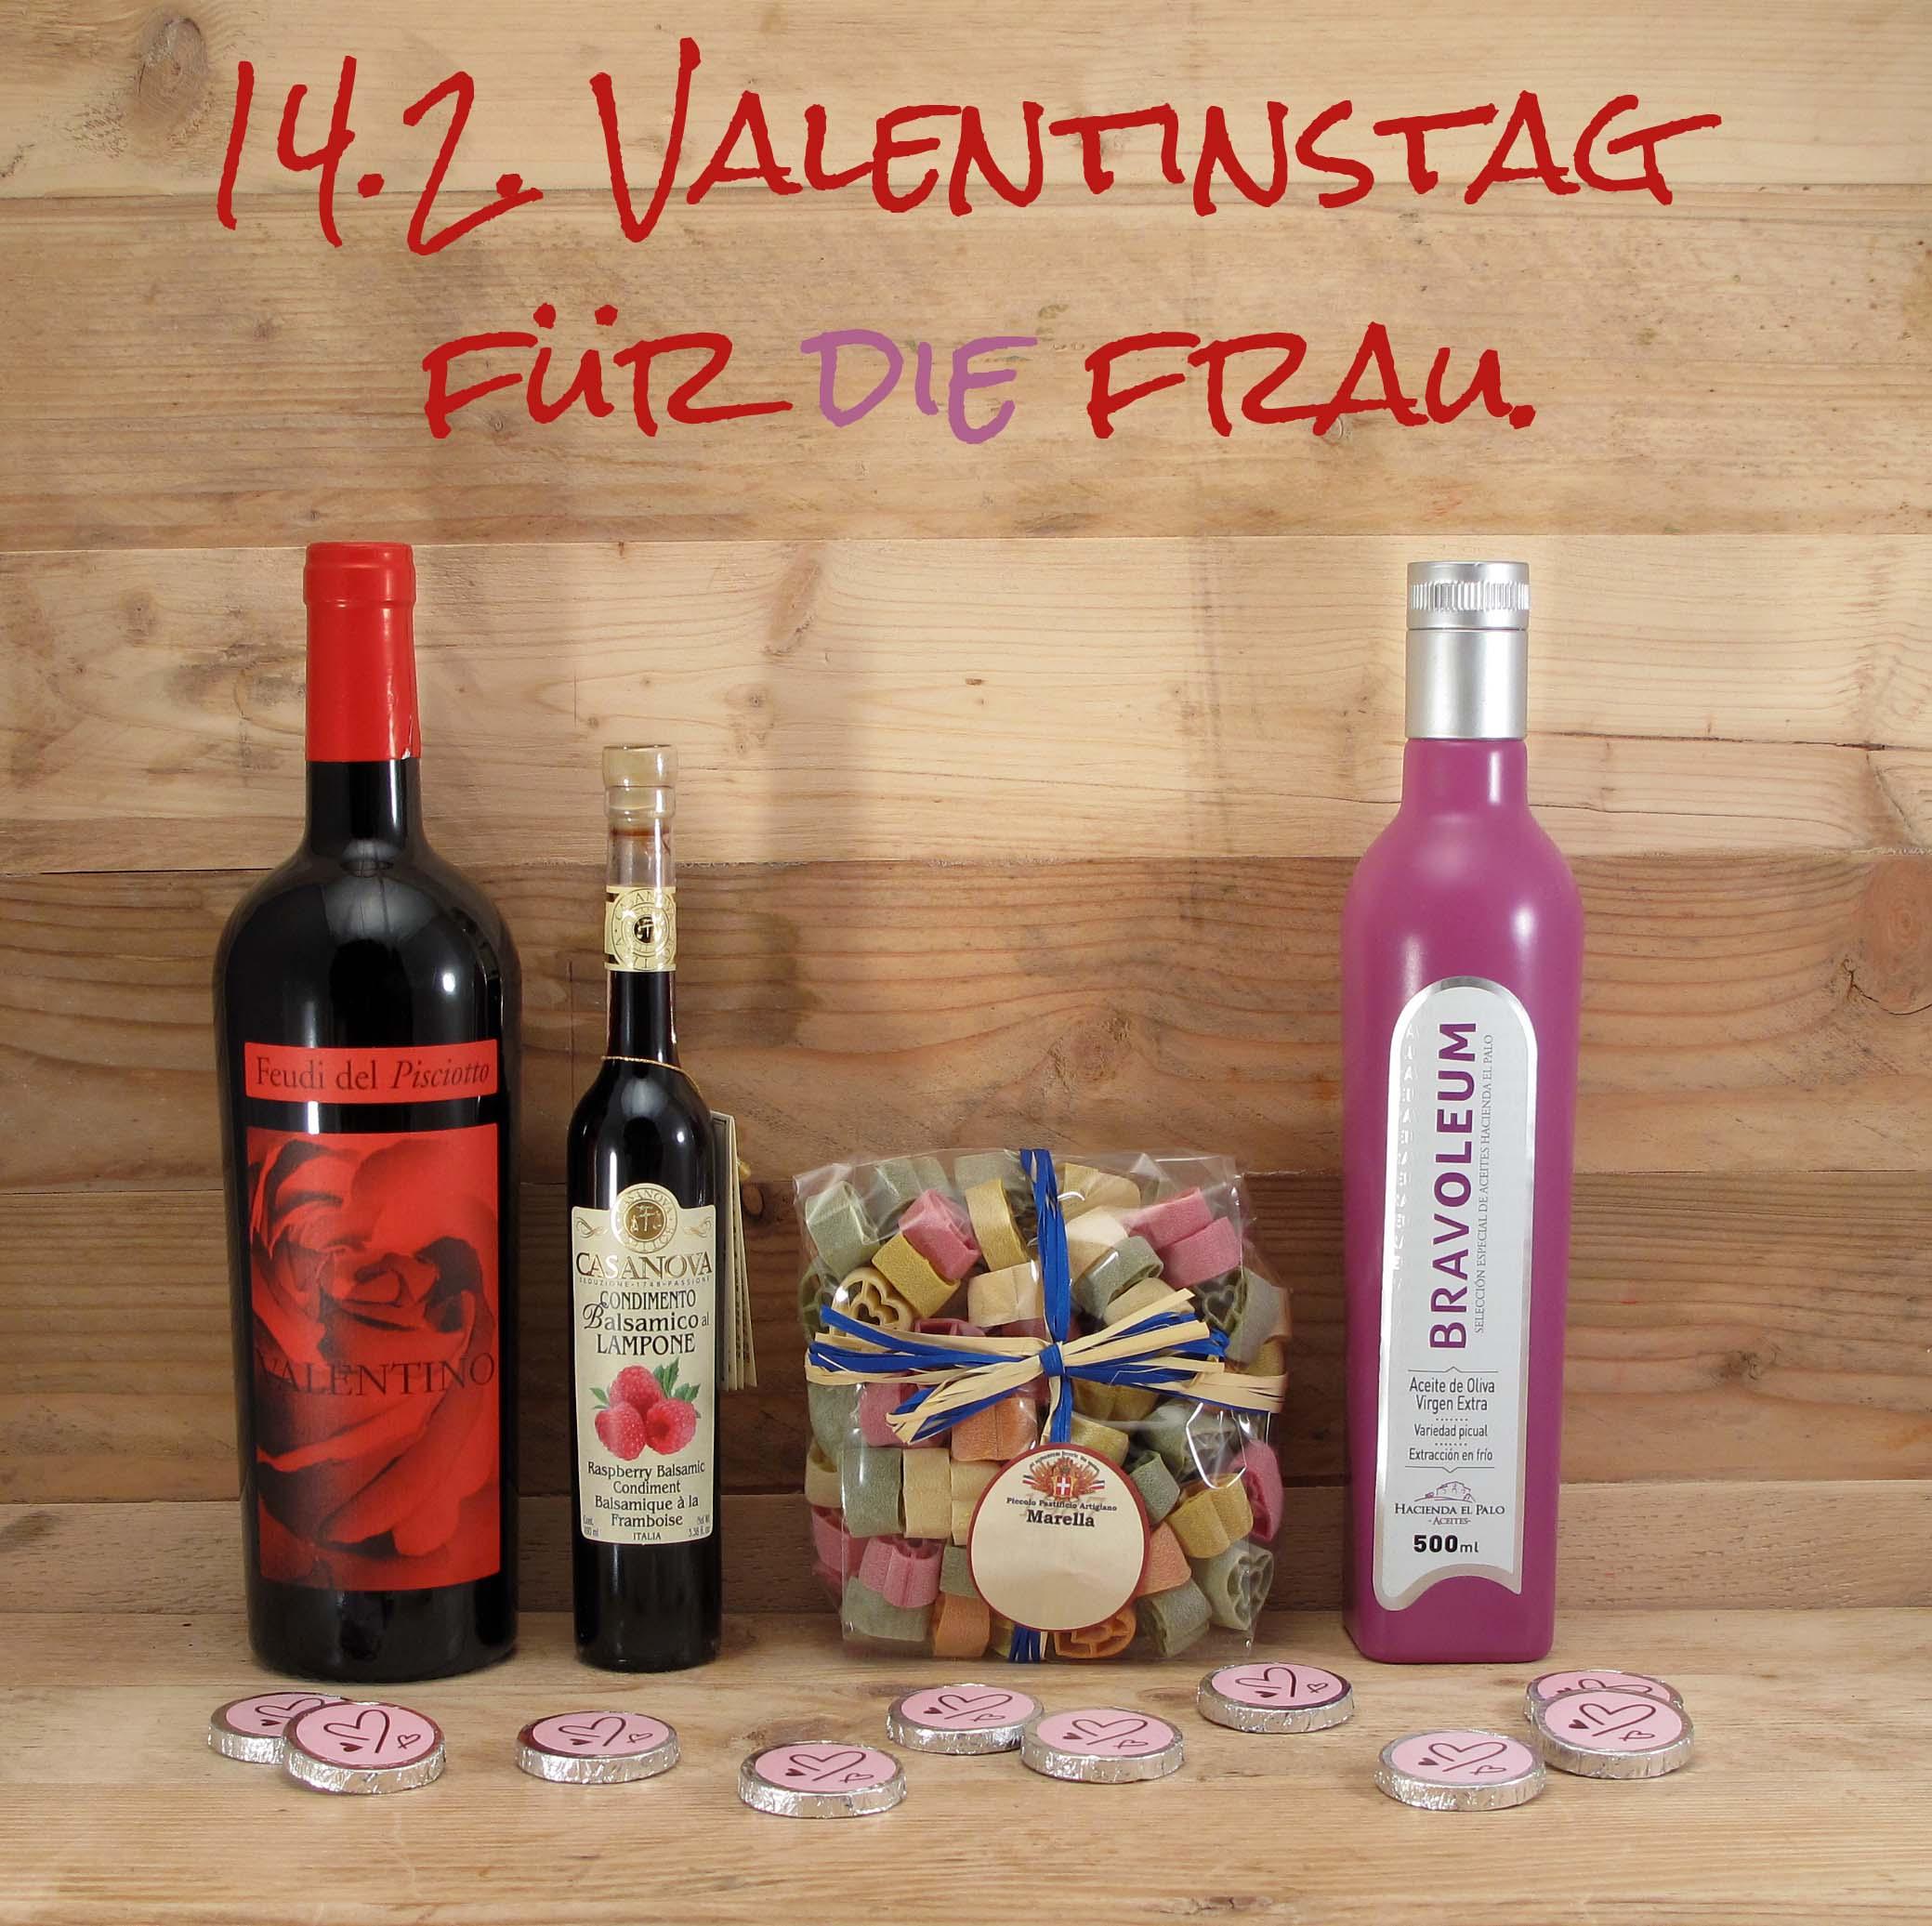 Valentinstag-fur-die-Frau